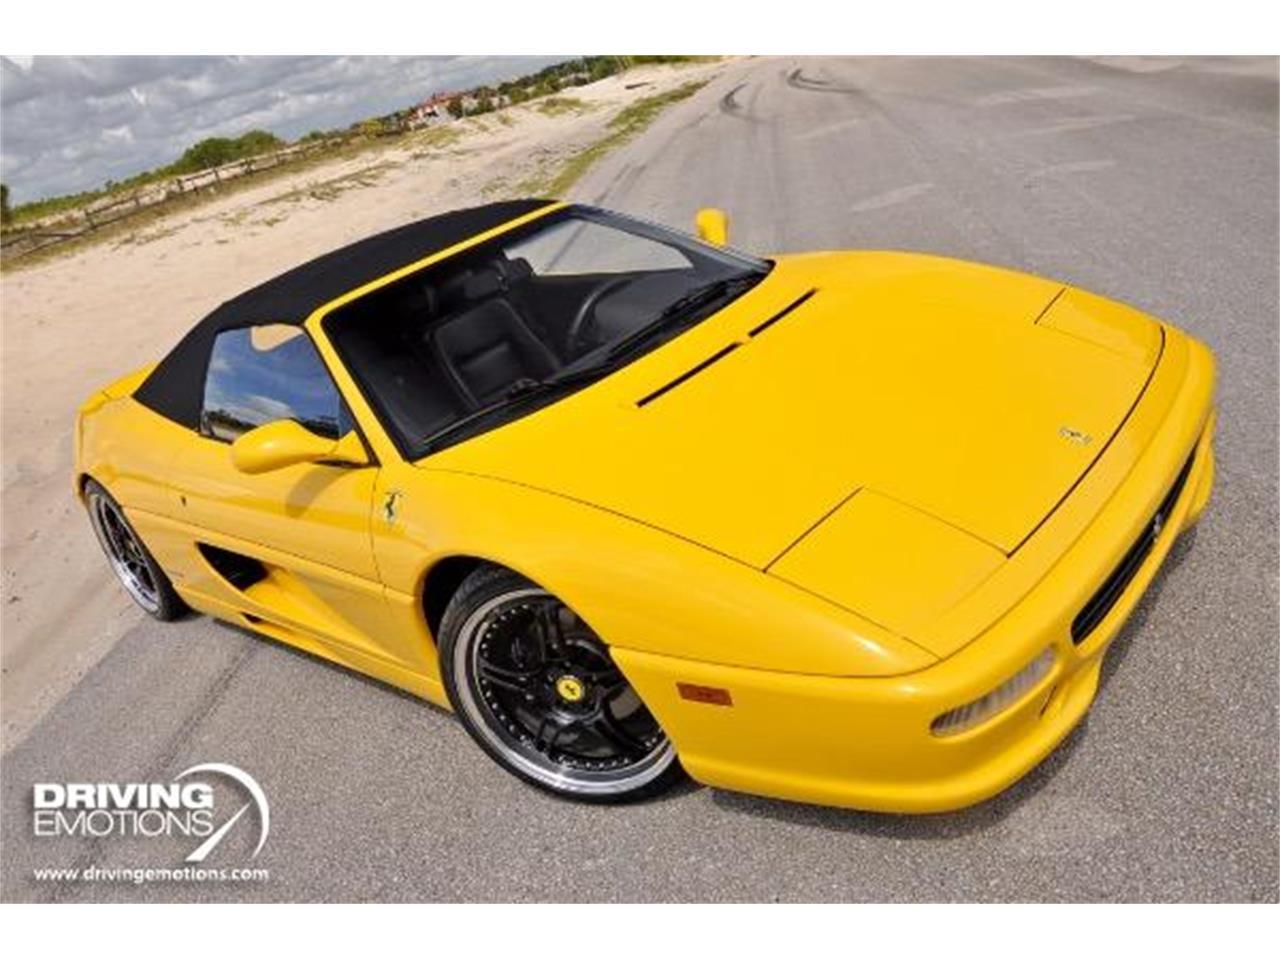 Large Picture of 1998 Ferrari F355 Spider located in Florida - $89,900.00 - QQM3